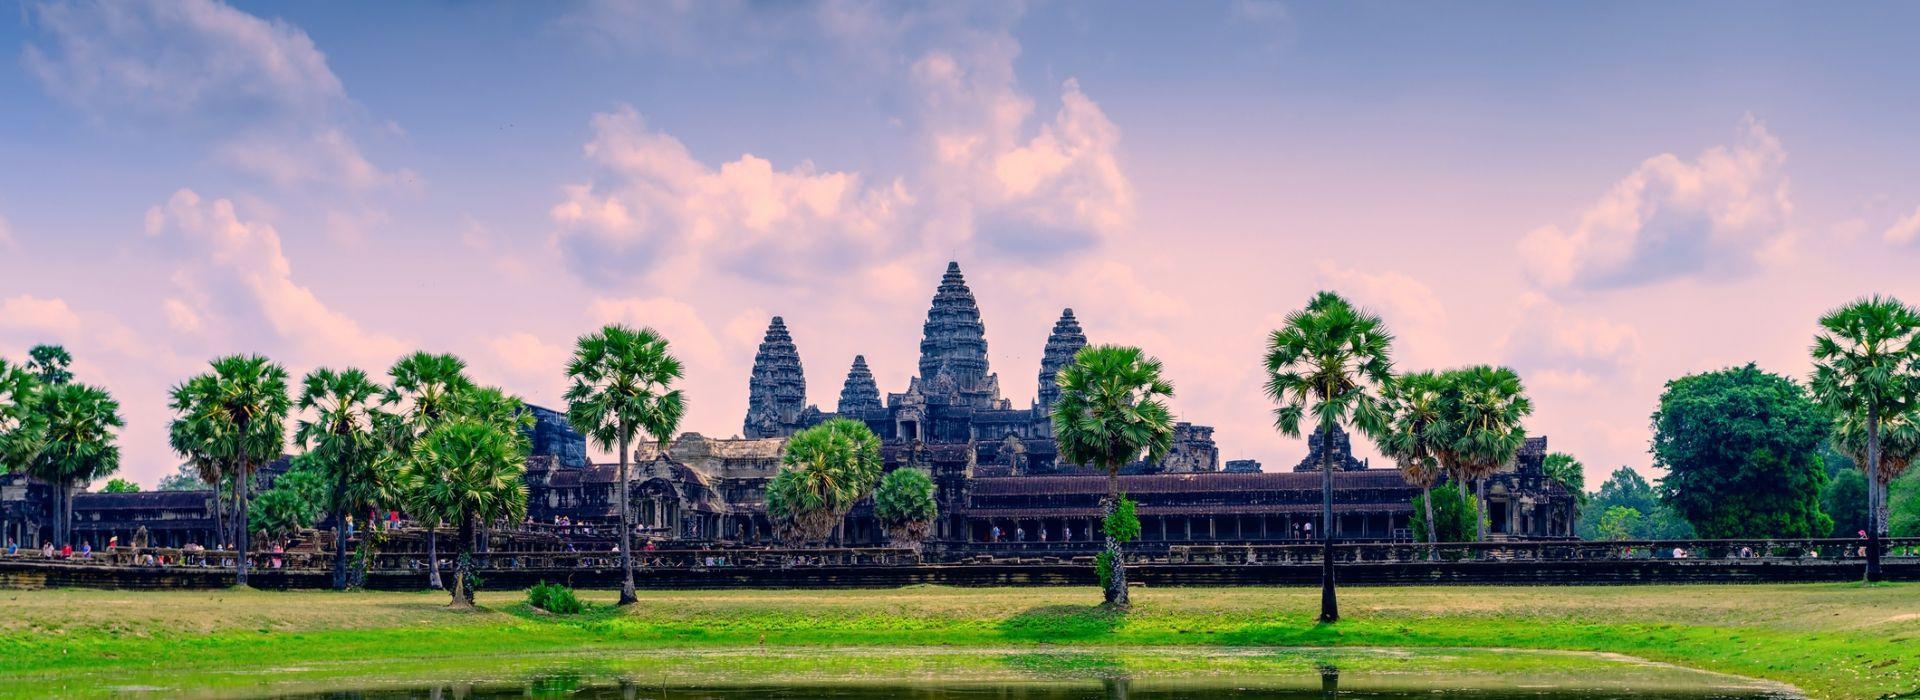 Explorer Tours in Cambodia